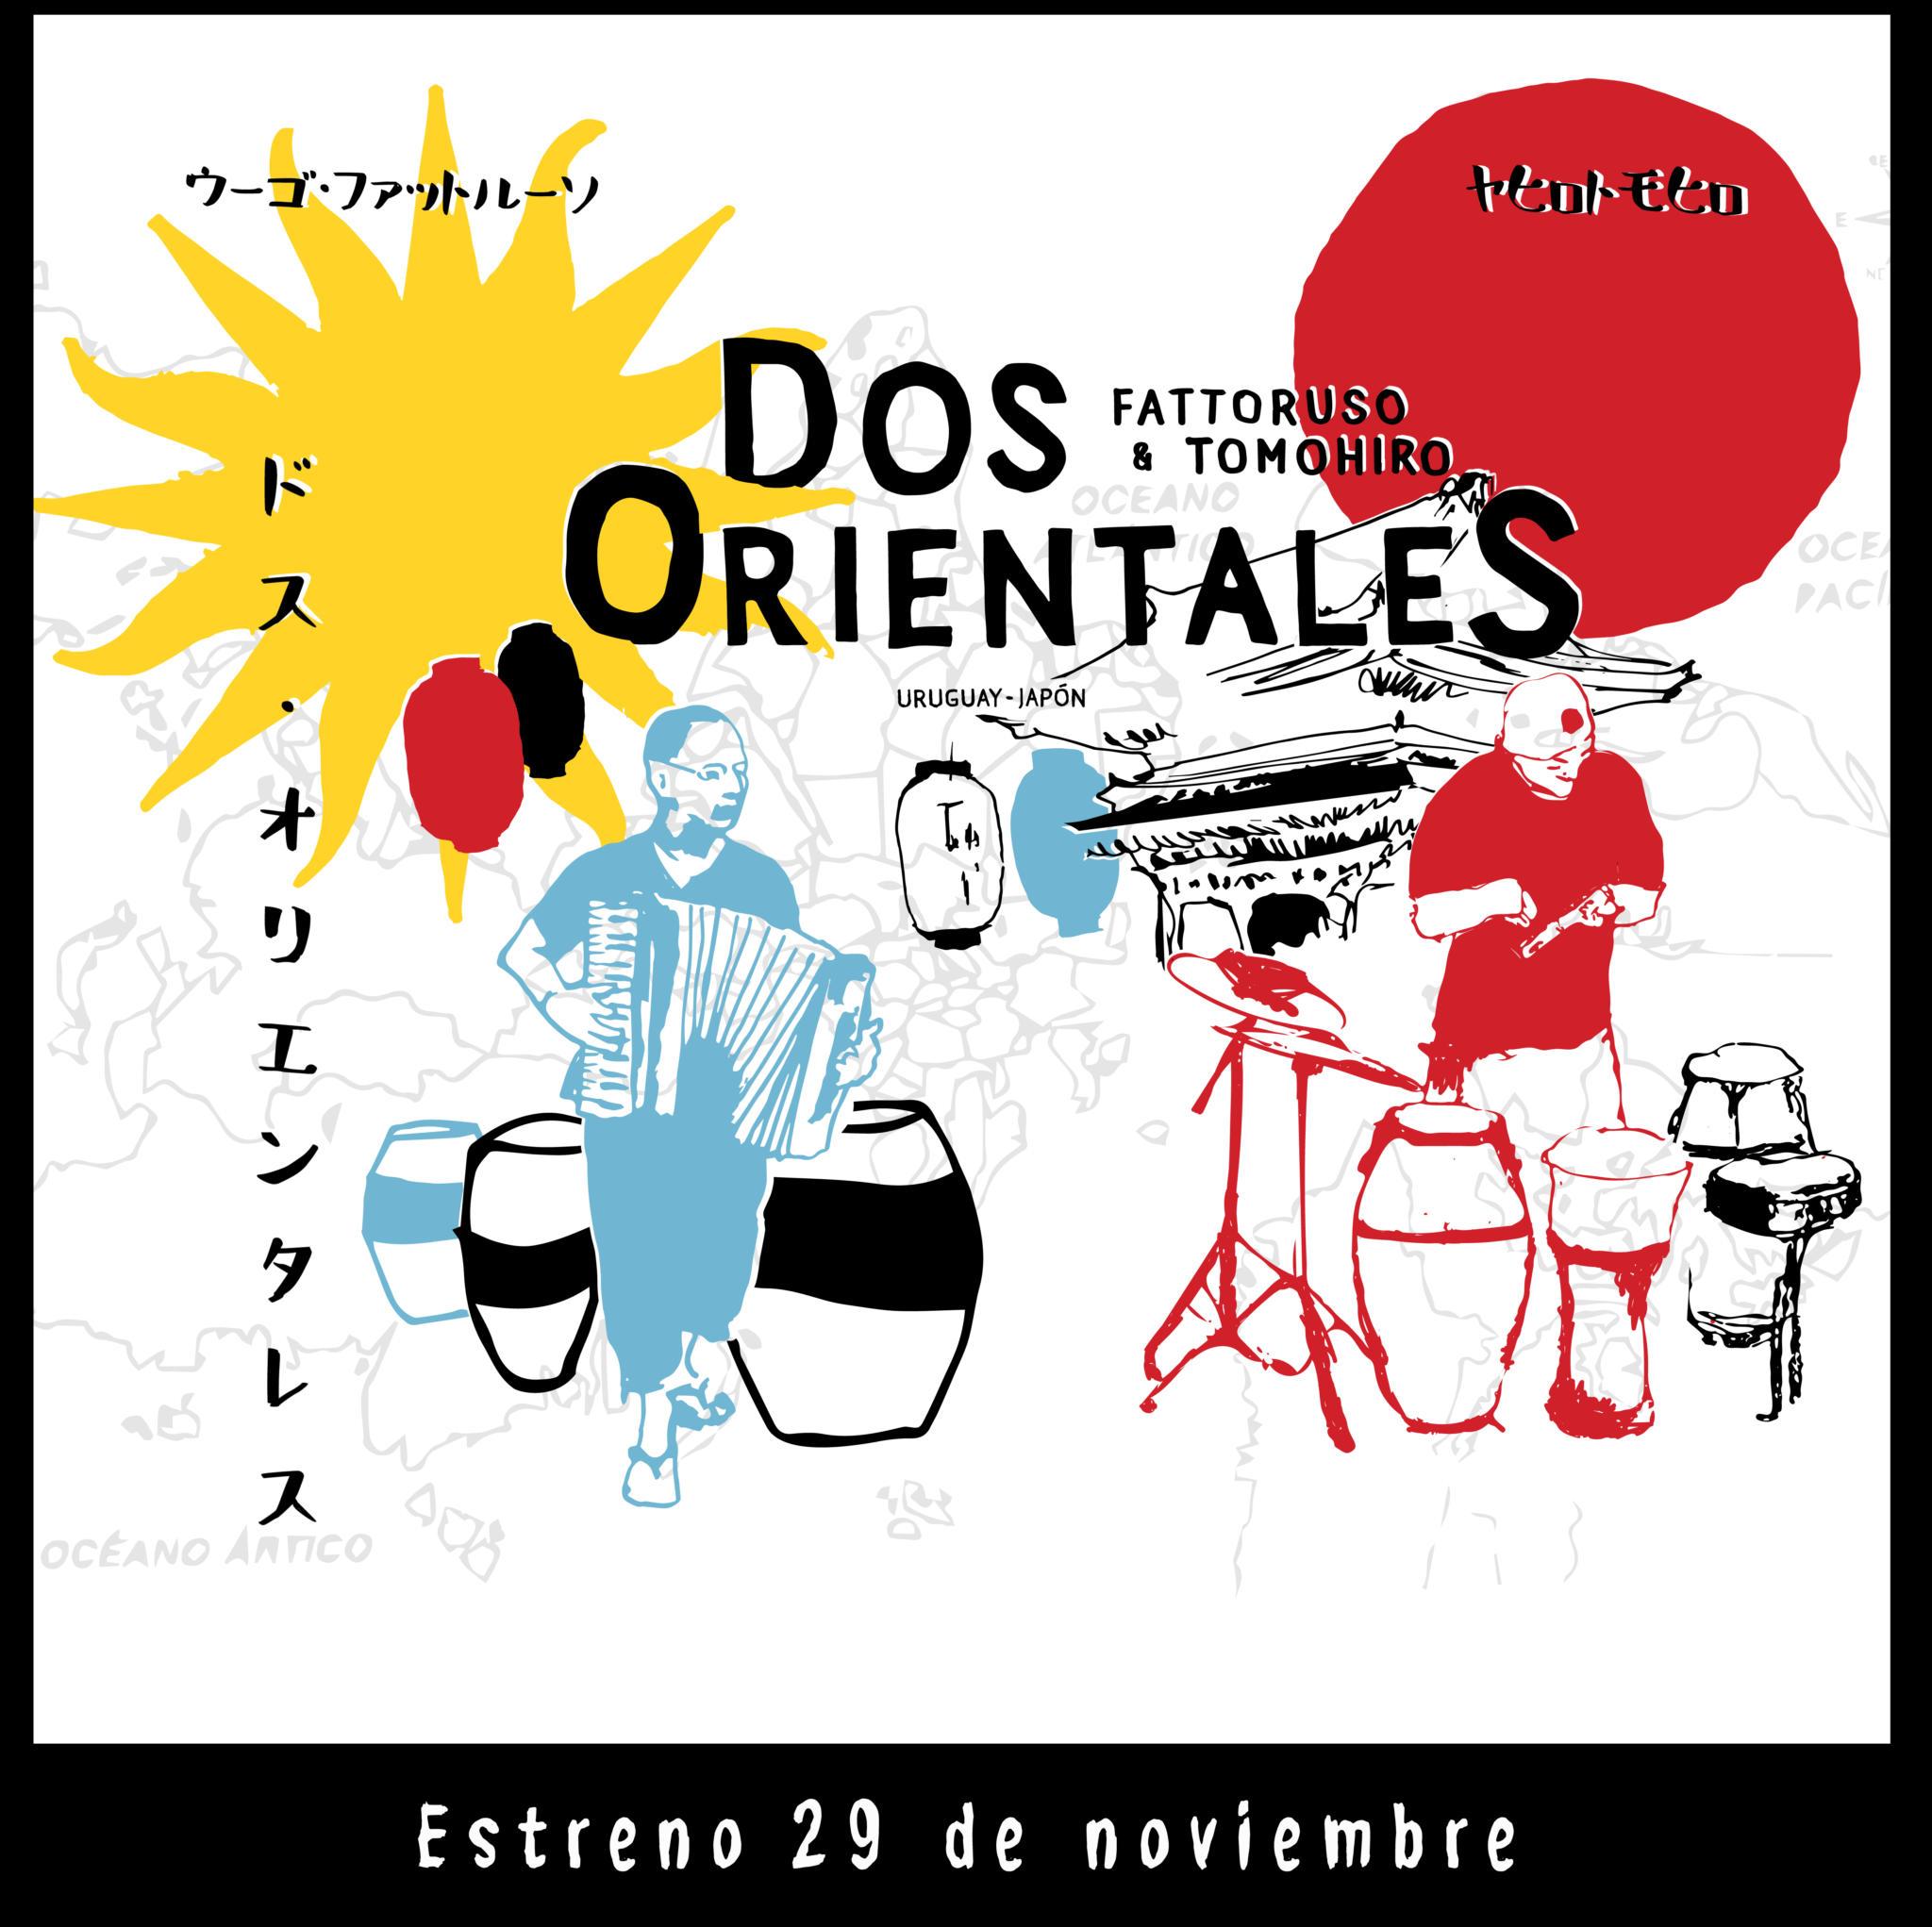 ¡Dos Orientales documental se estrena el 29 de noviembre!